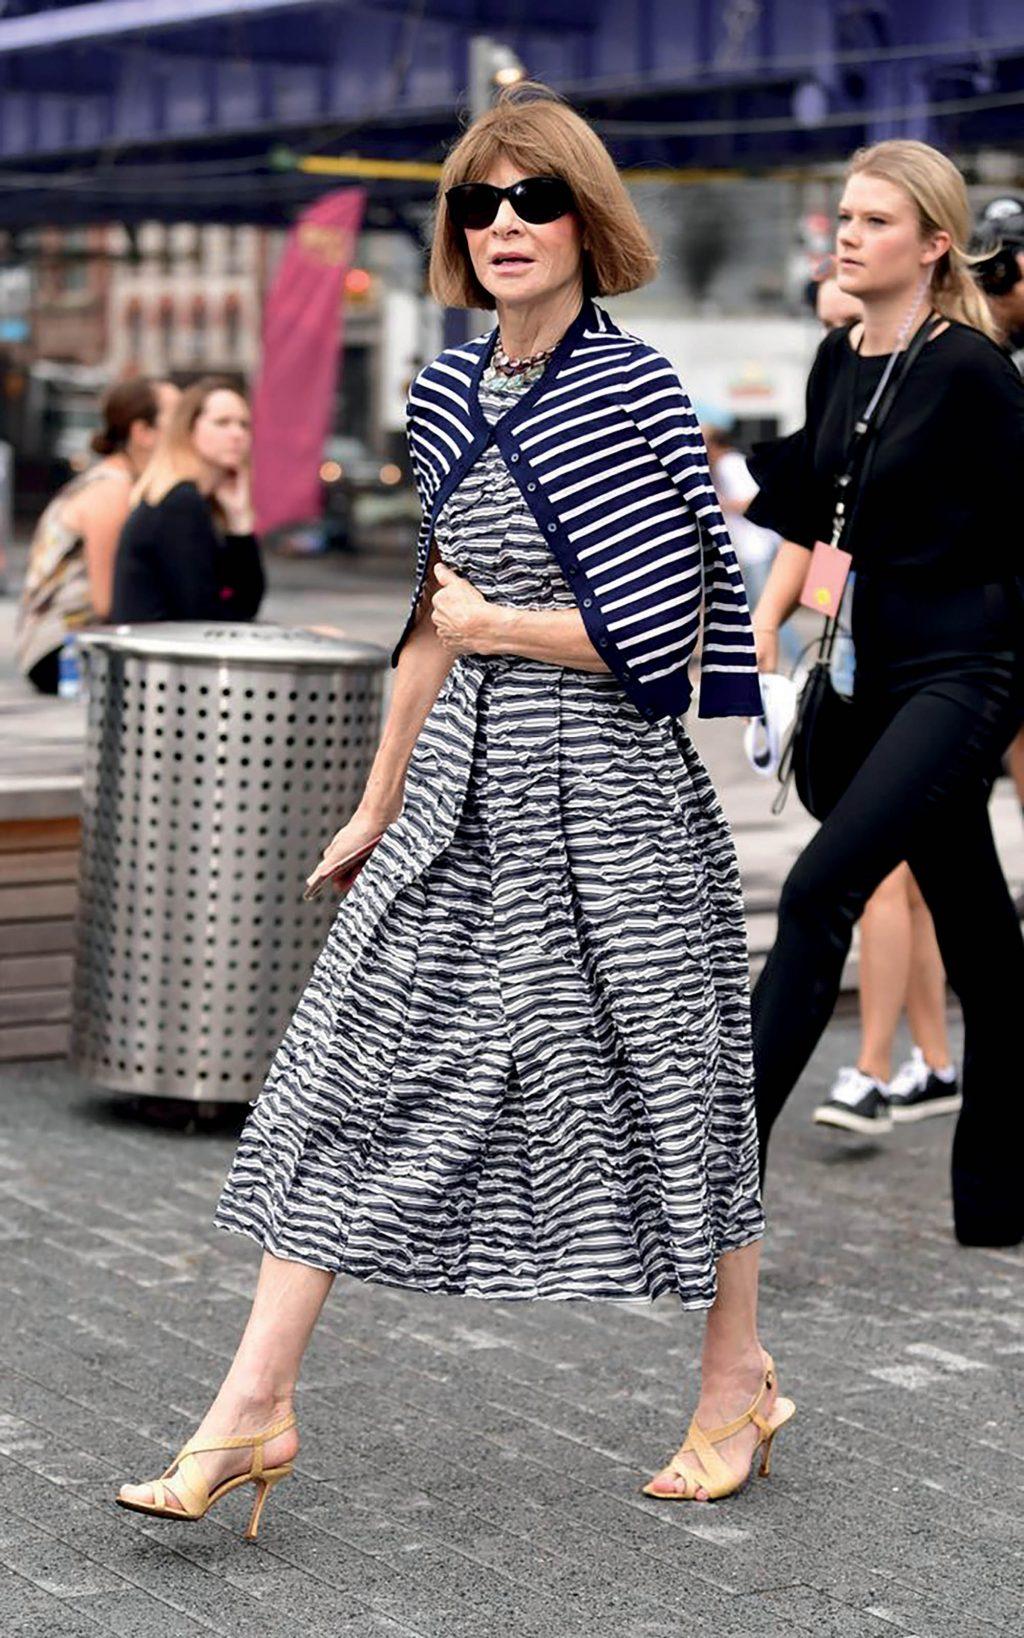 phong cách thời trang của anna wintour